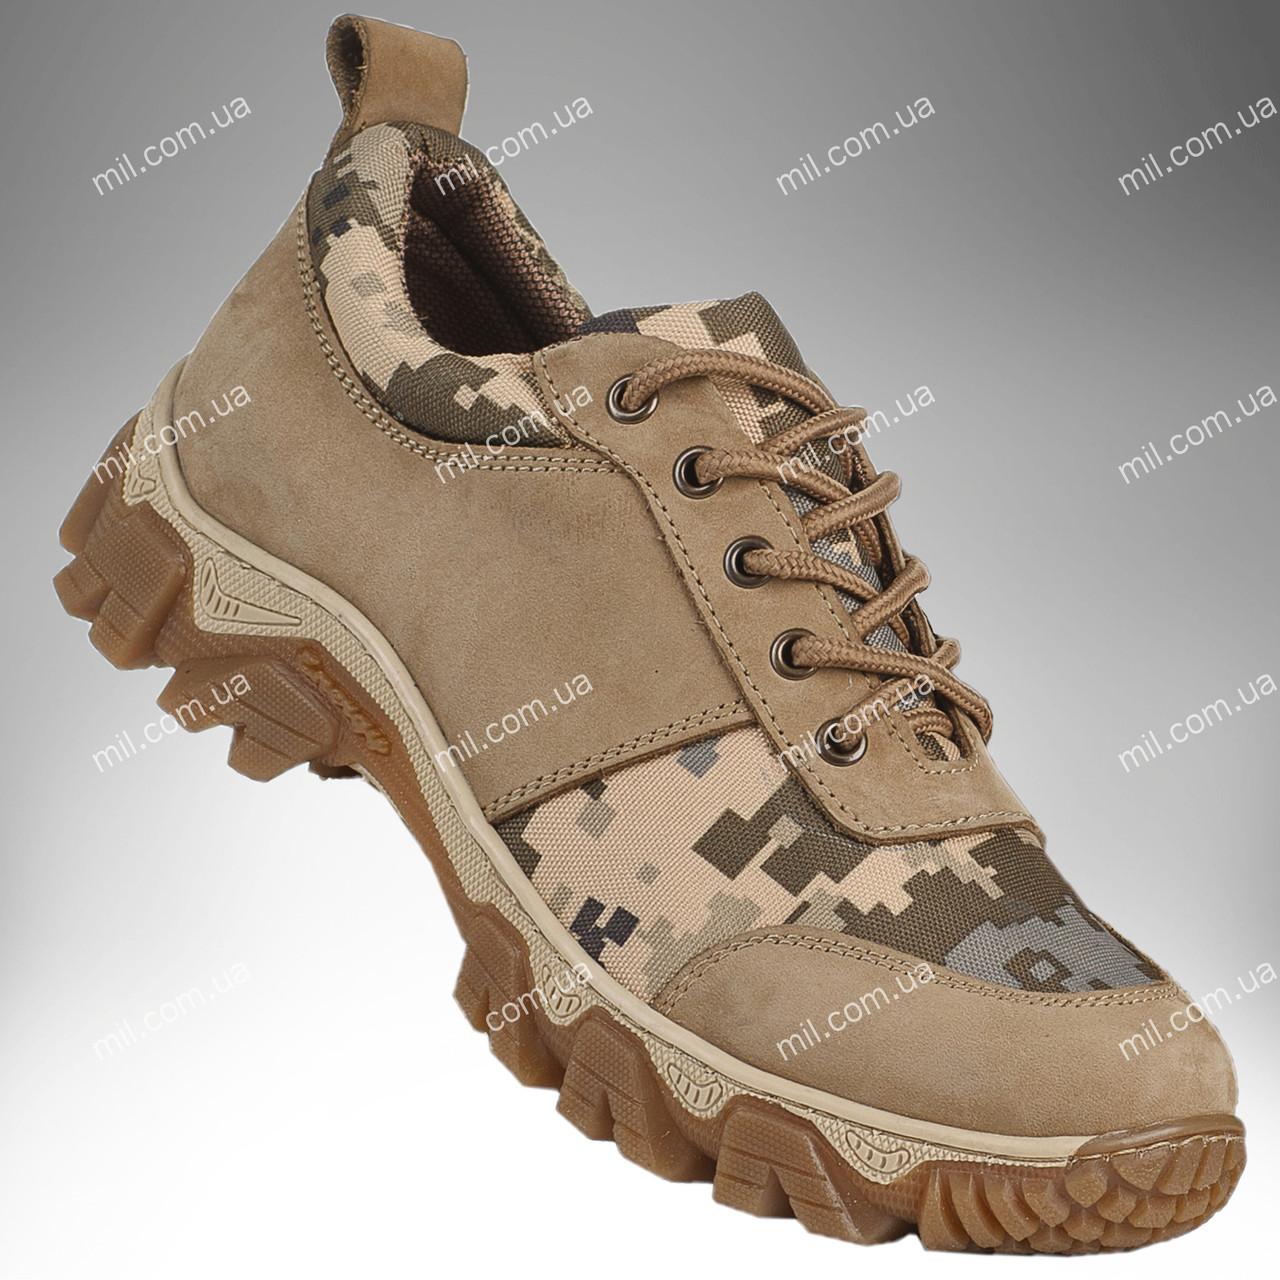 Военные кроссовки / демисезонная тактическая обувь PATRIOT (MM14)